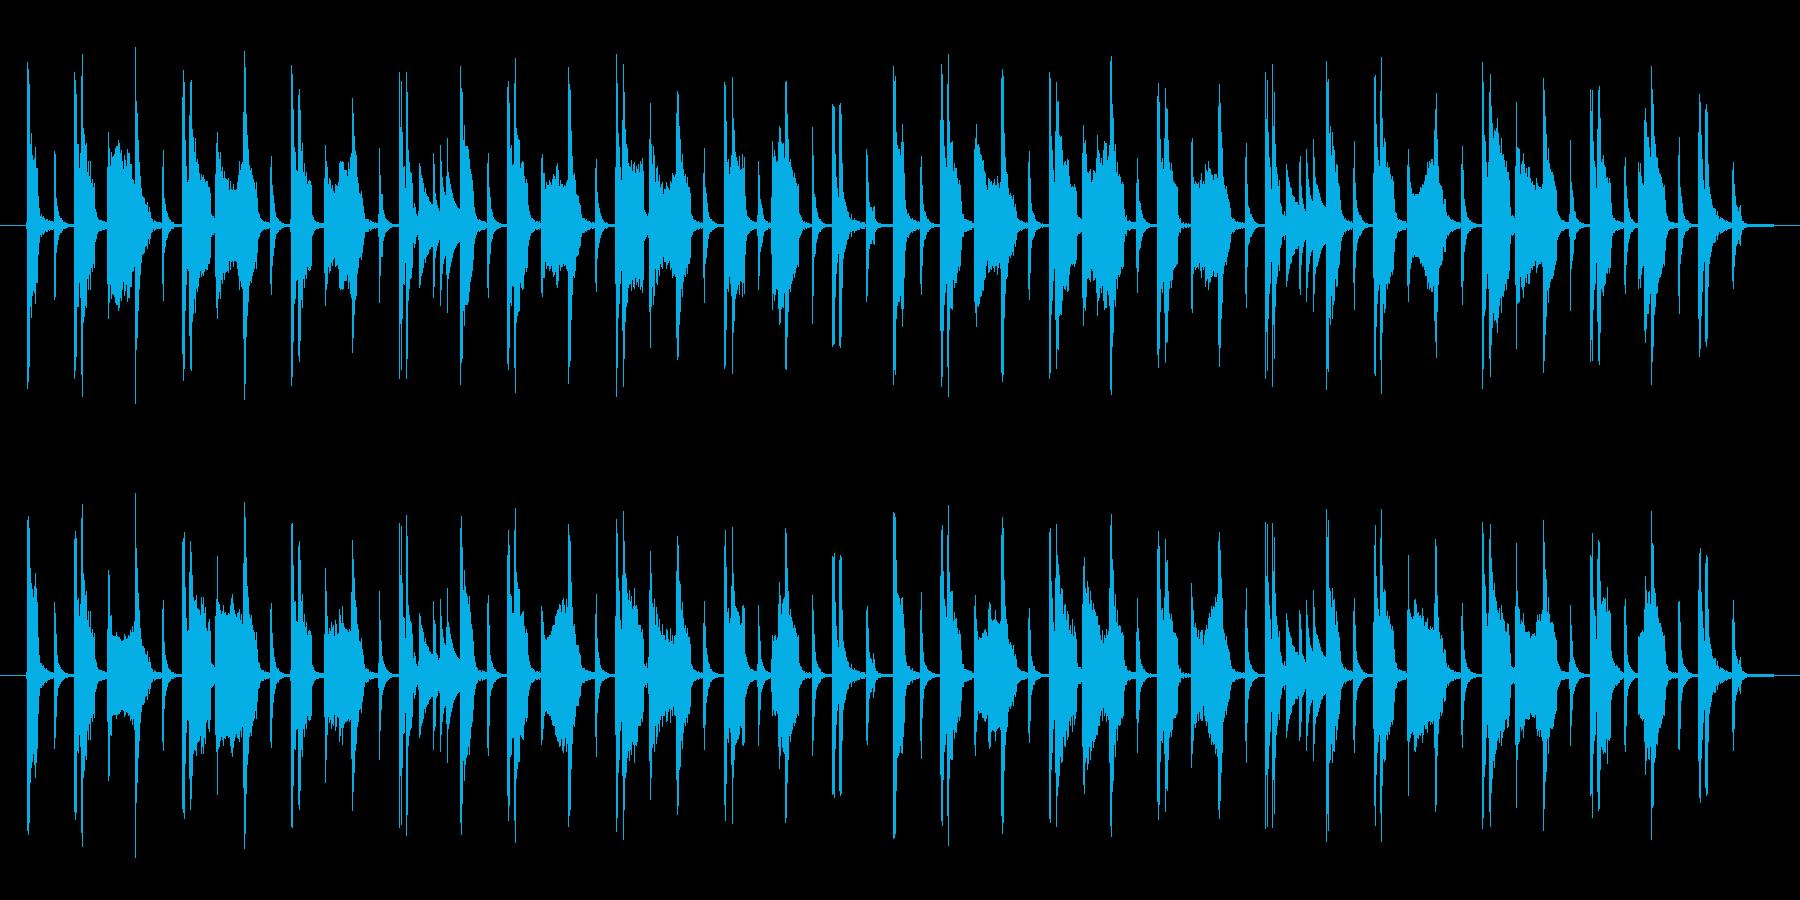 オルガン・ベース・ドラムのみのポップな曲の再生済みの波形